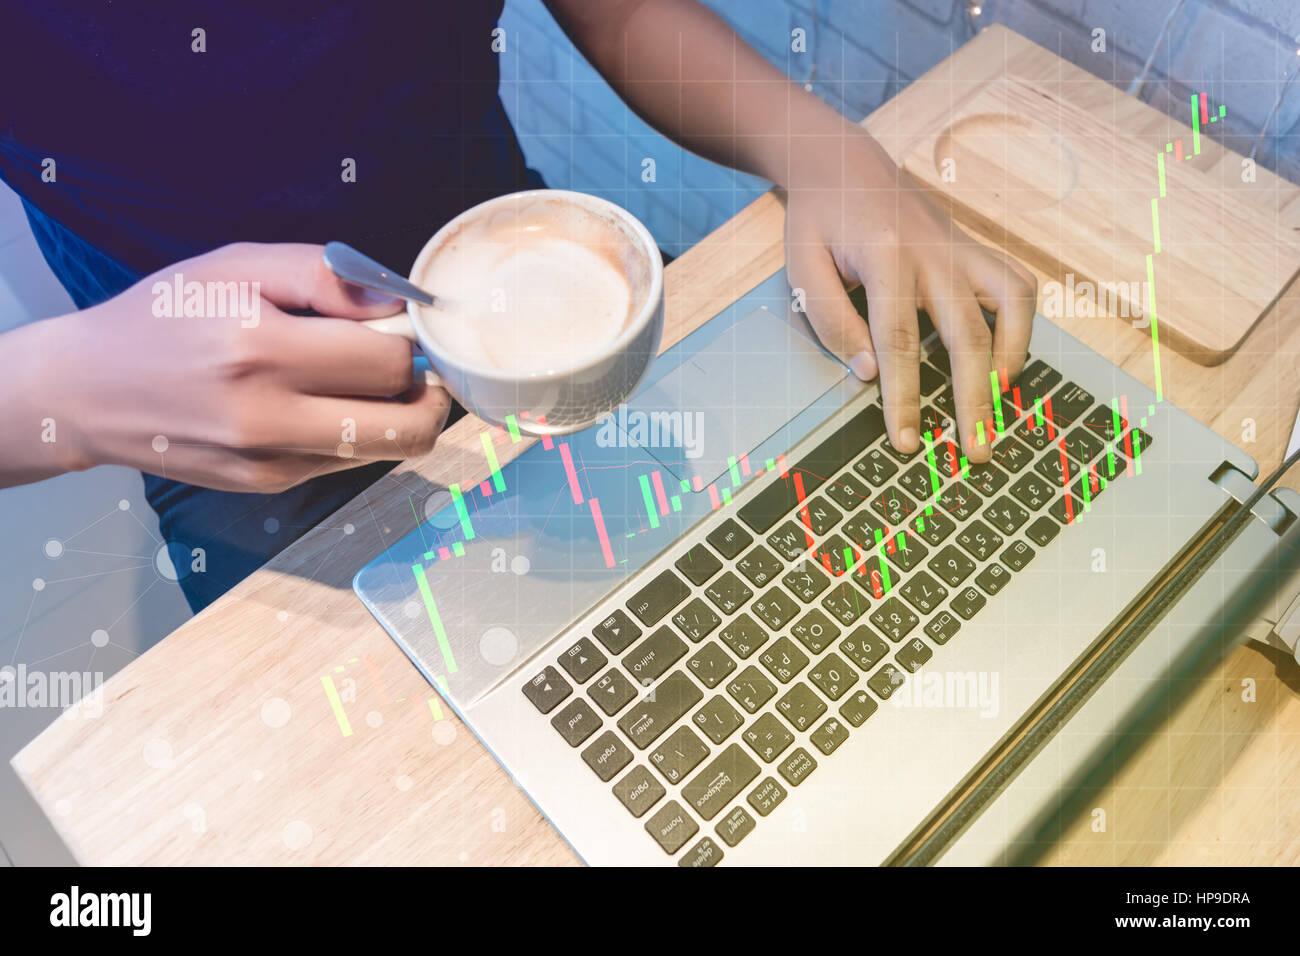 Trading business concept : uomo stock commerciali e forex per i notebook e per analisi di mercato dati finanziari Immagini Stock